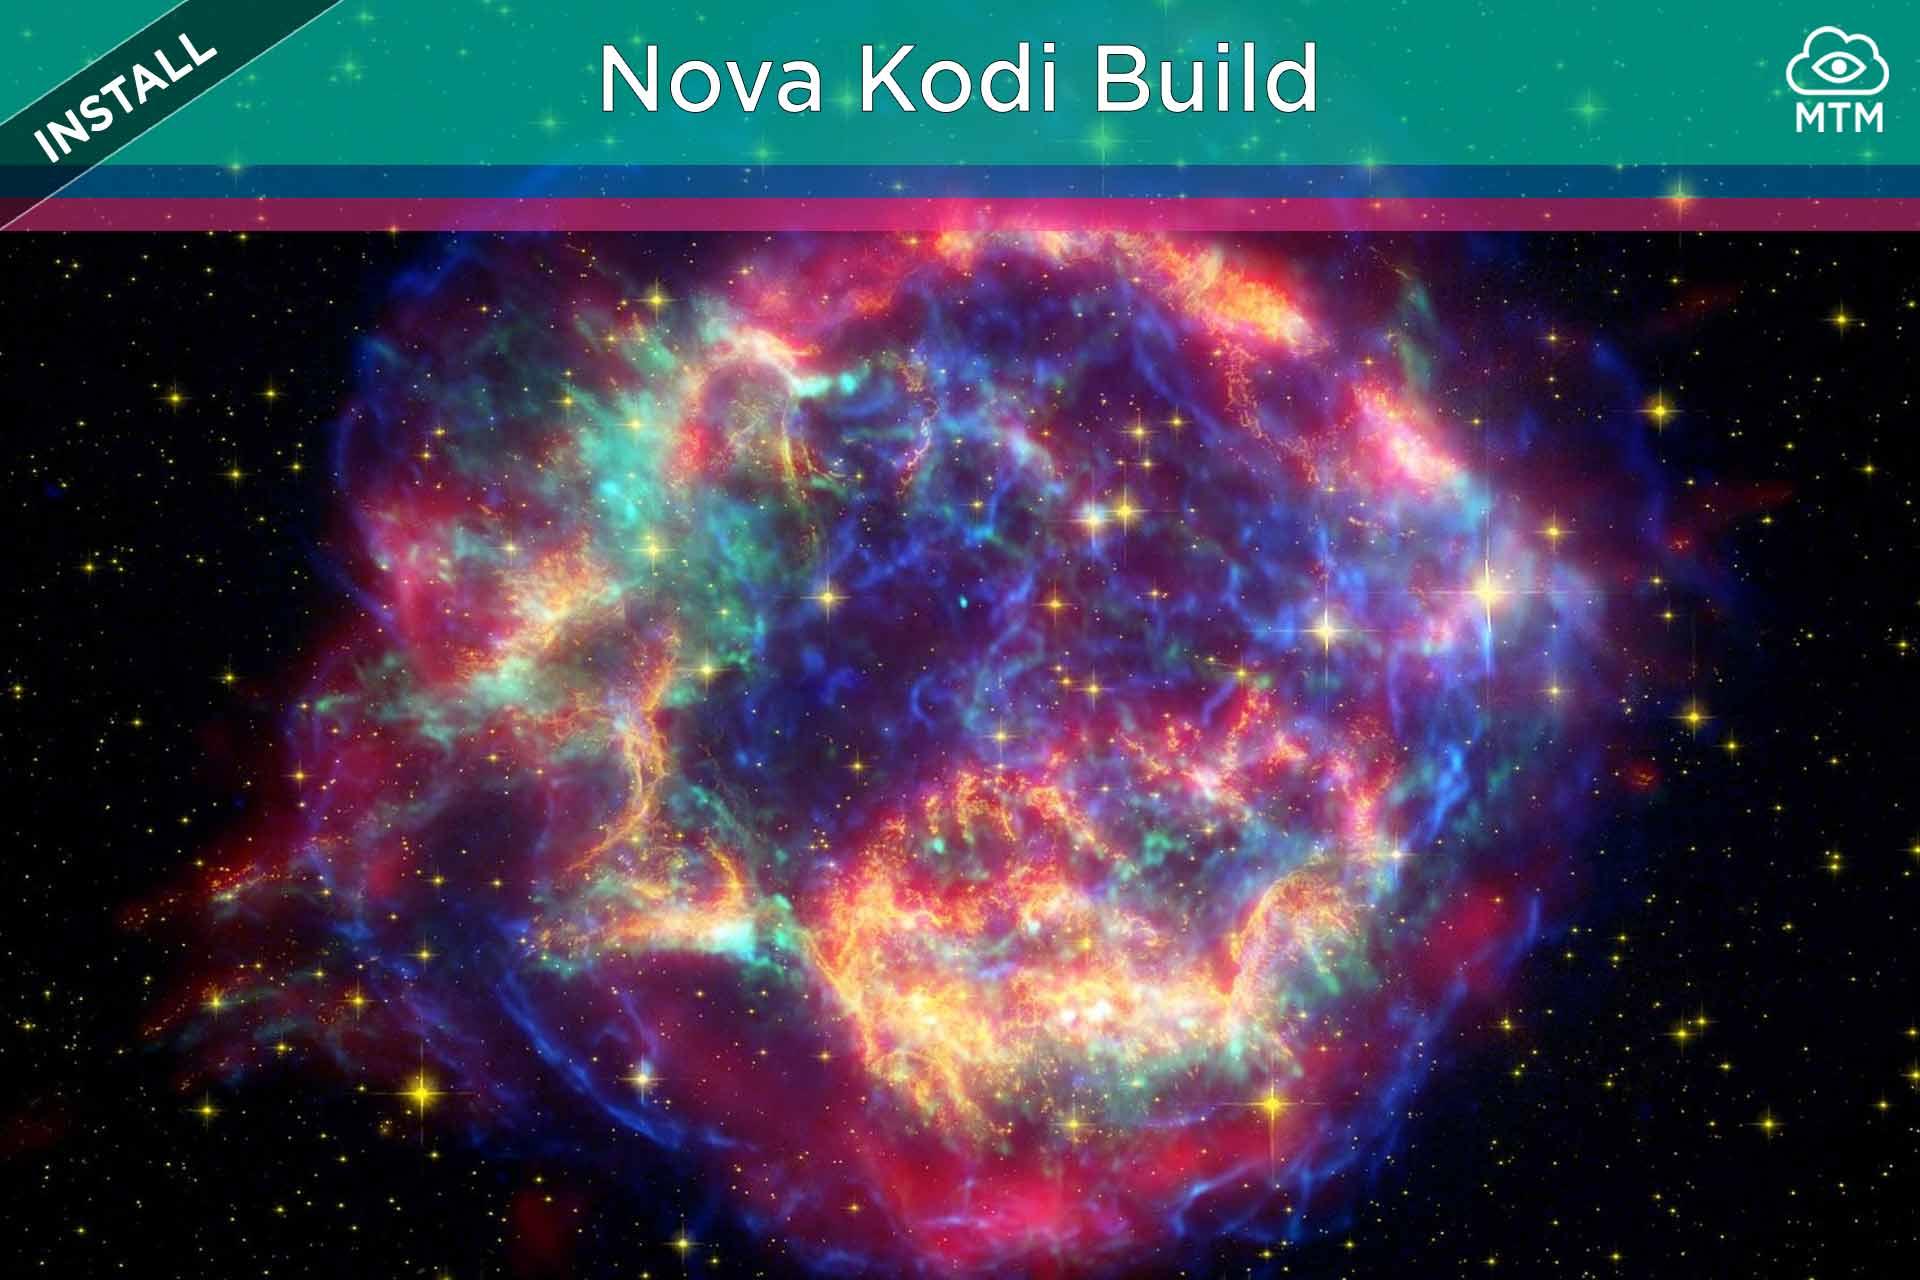 Nola instalatu Nova Kodi Build eraikin soilen morroiatik